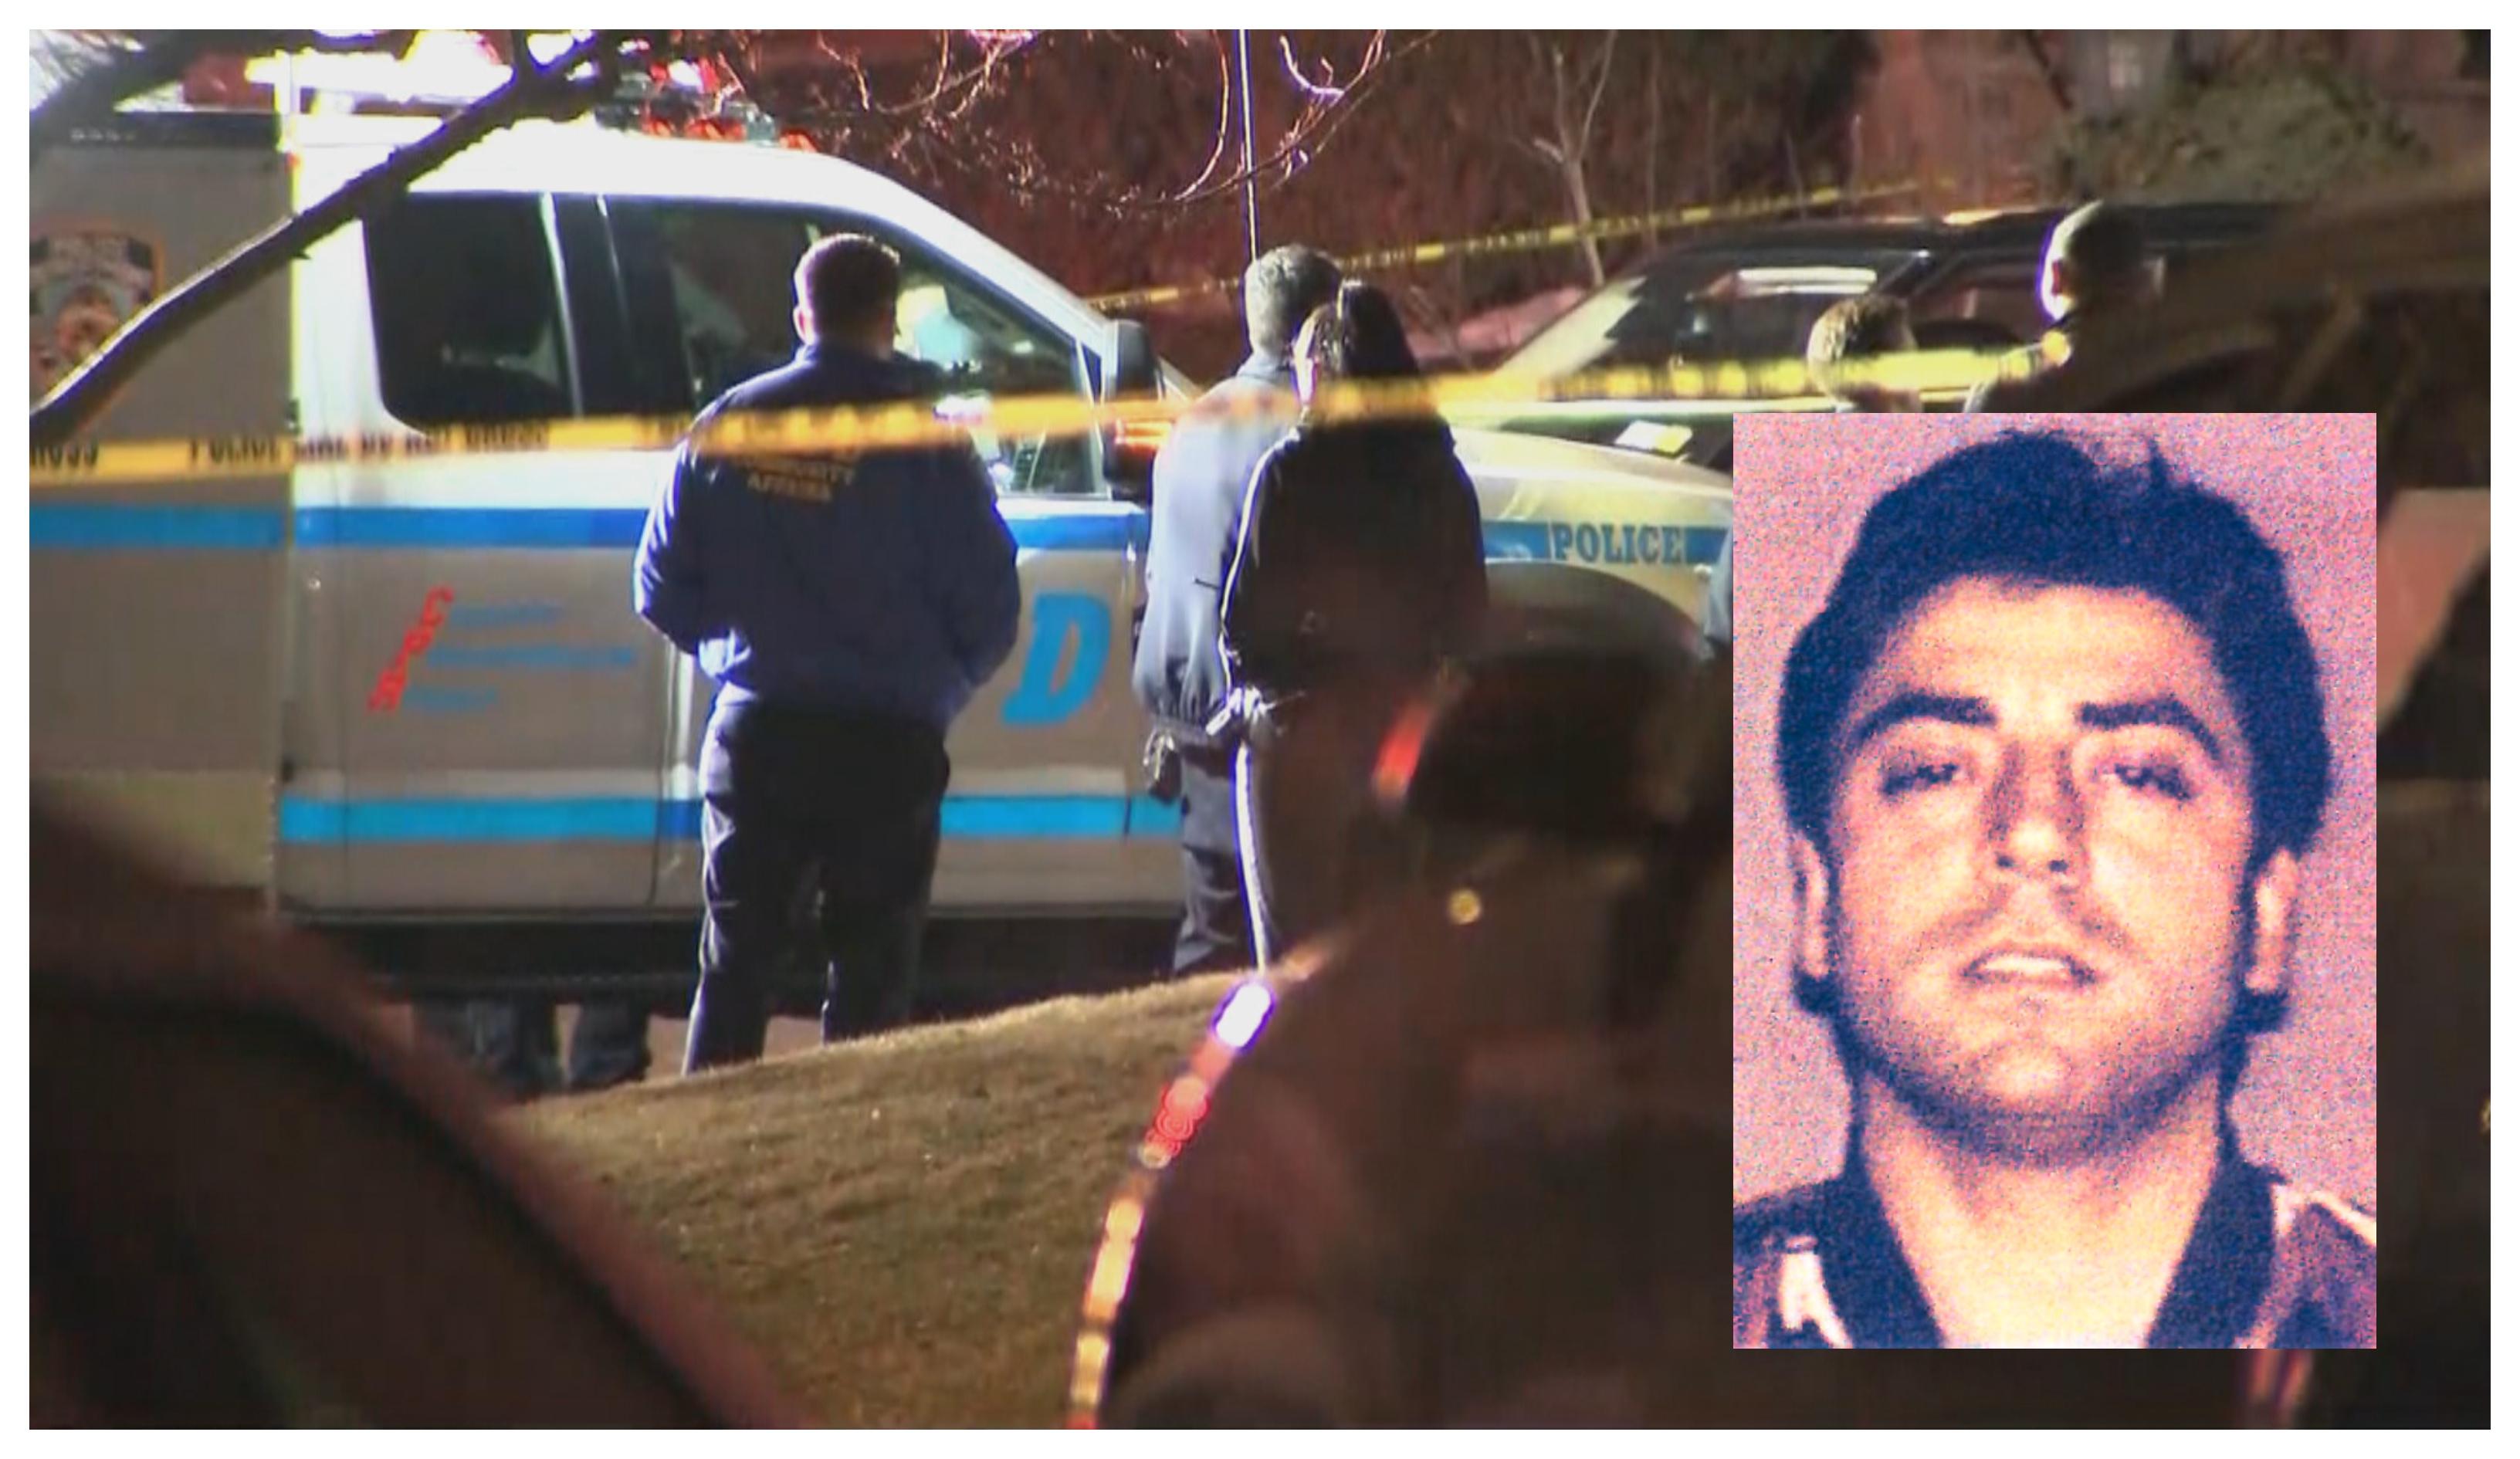 Asesinado el jefe mafioso Frank Cali | Noticias | Mundo | EL FRENTE